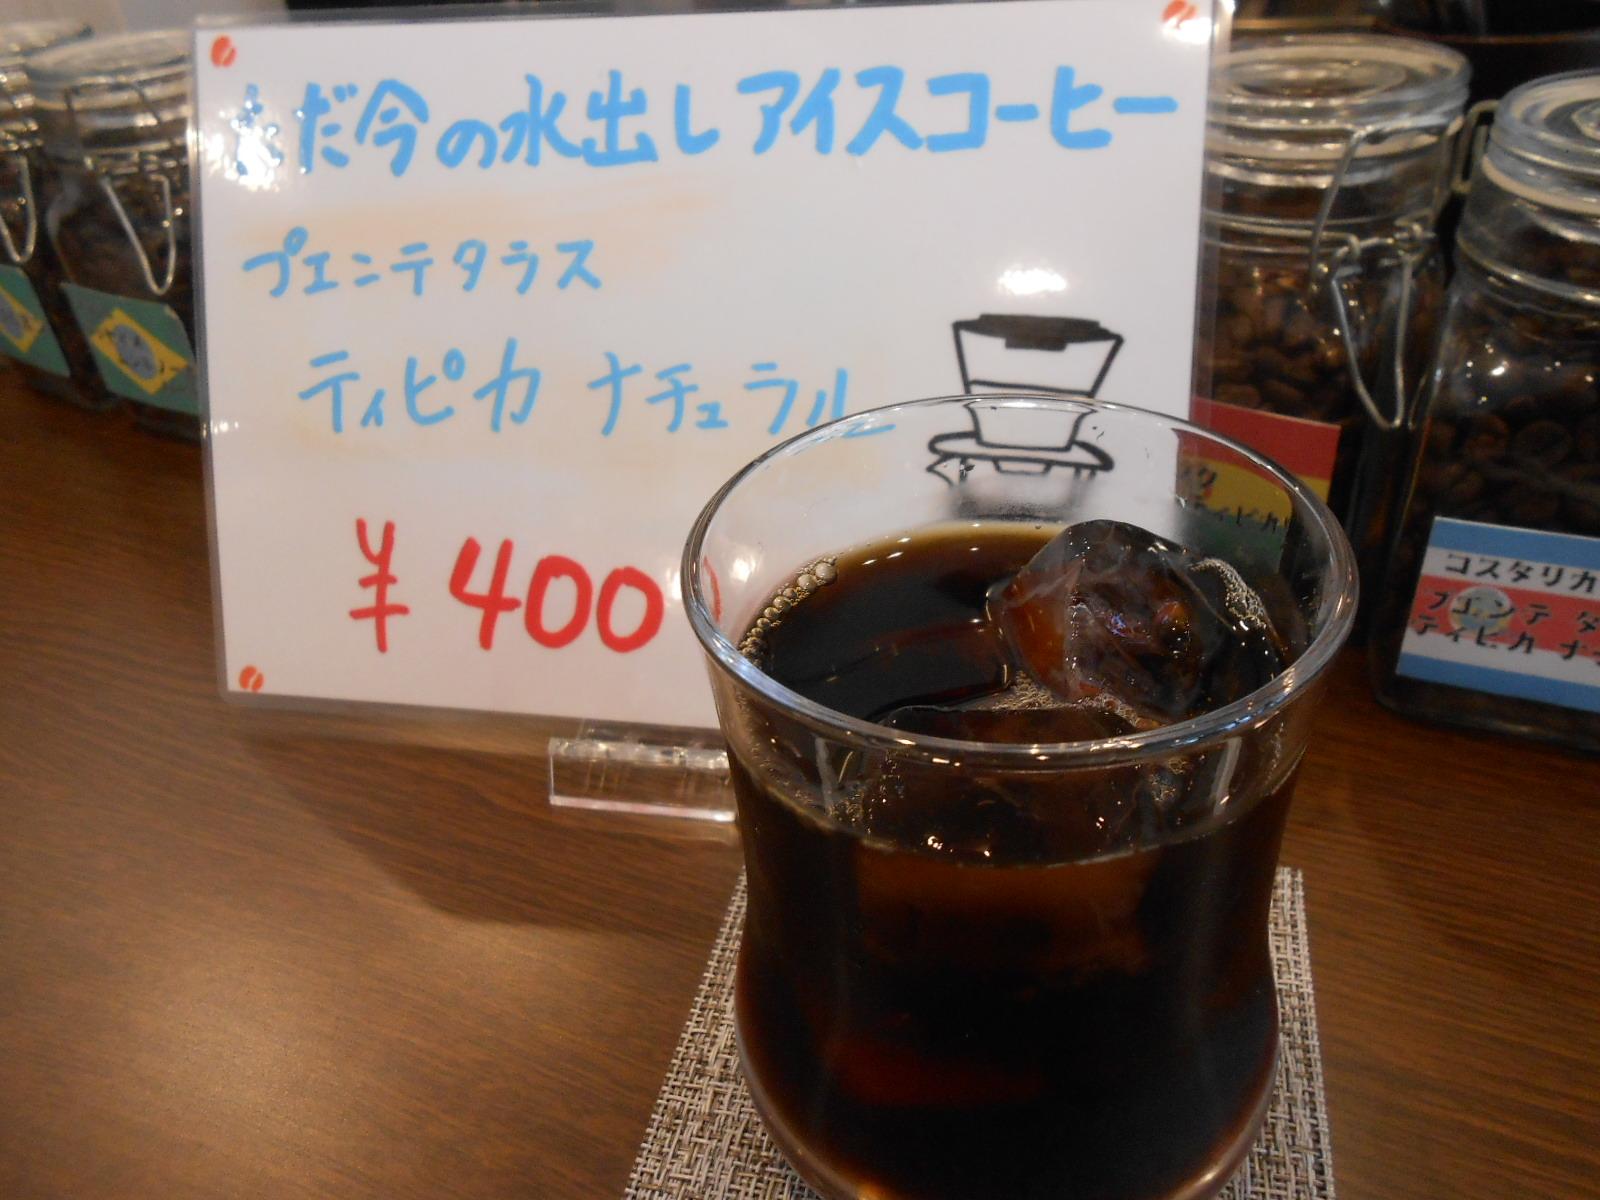 アイスコーヒーが飲みたい♪御影の新店「神近珈琲」でお気に入りを探そう!